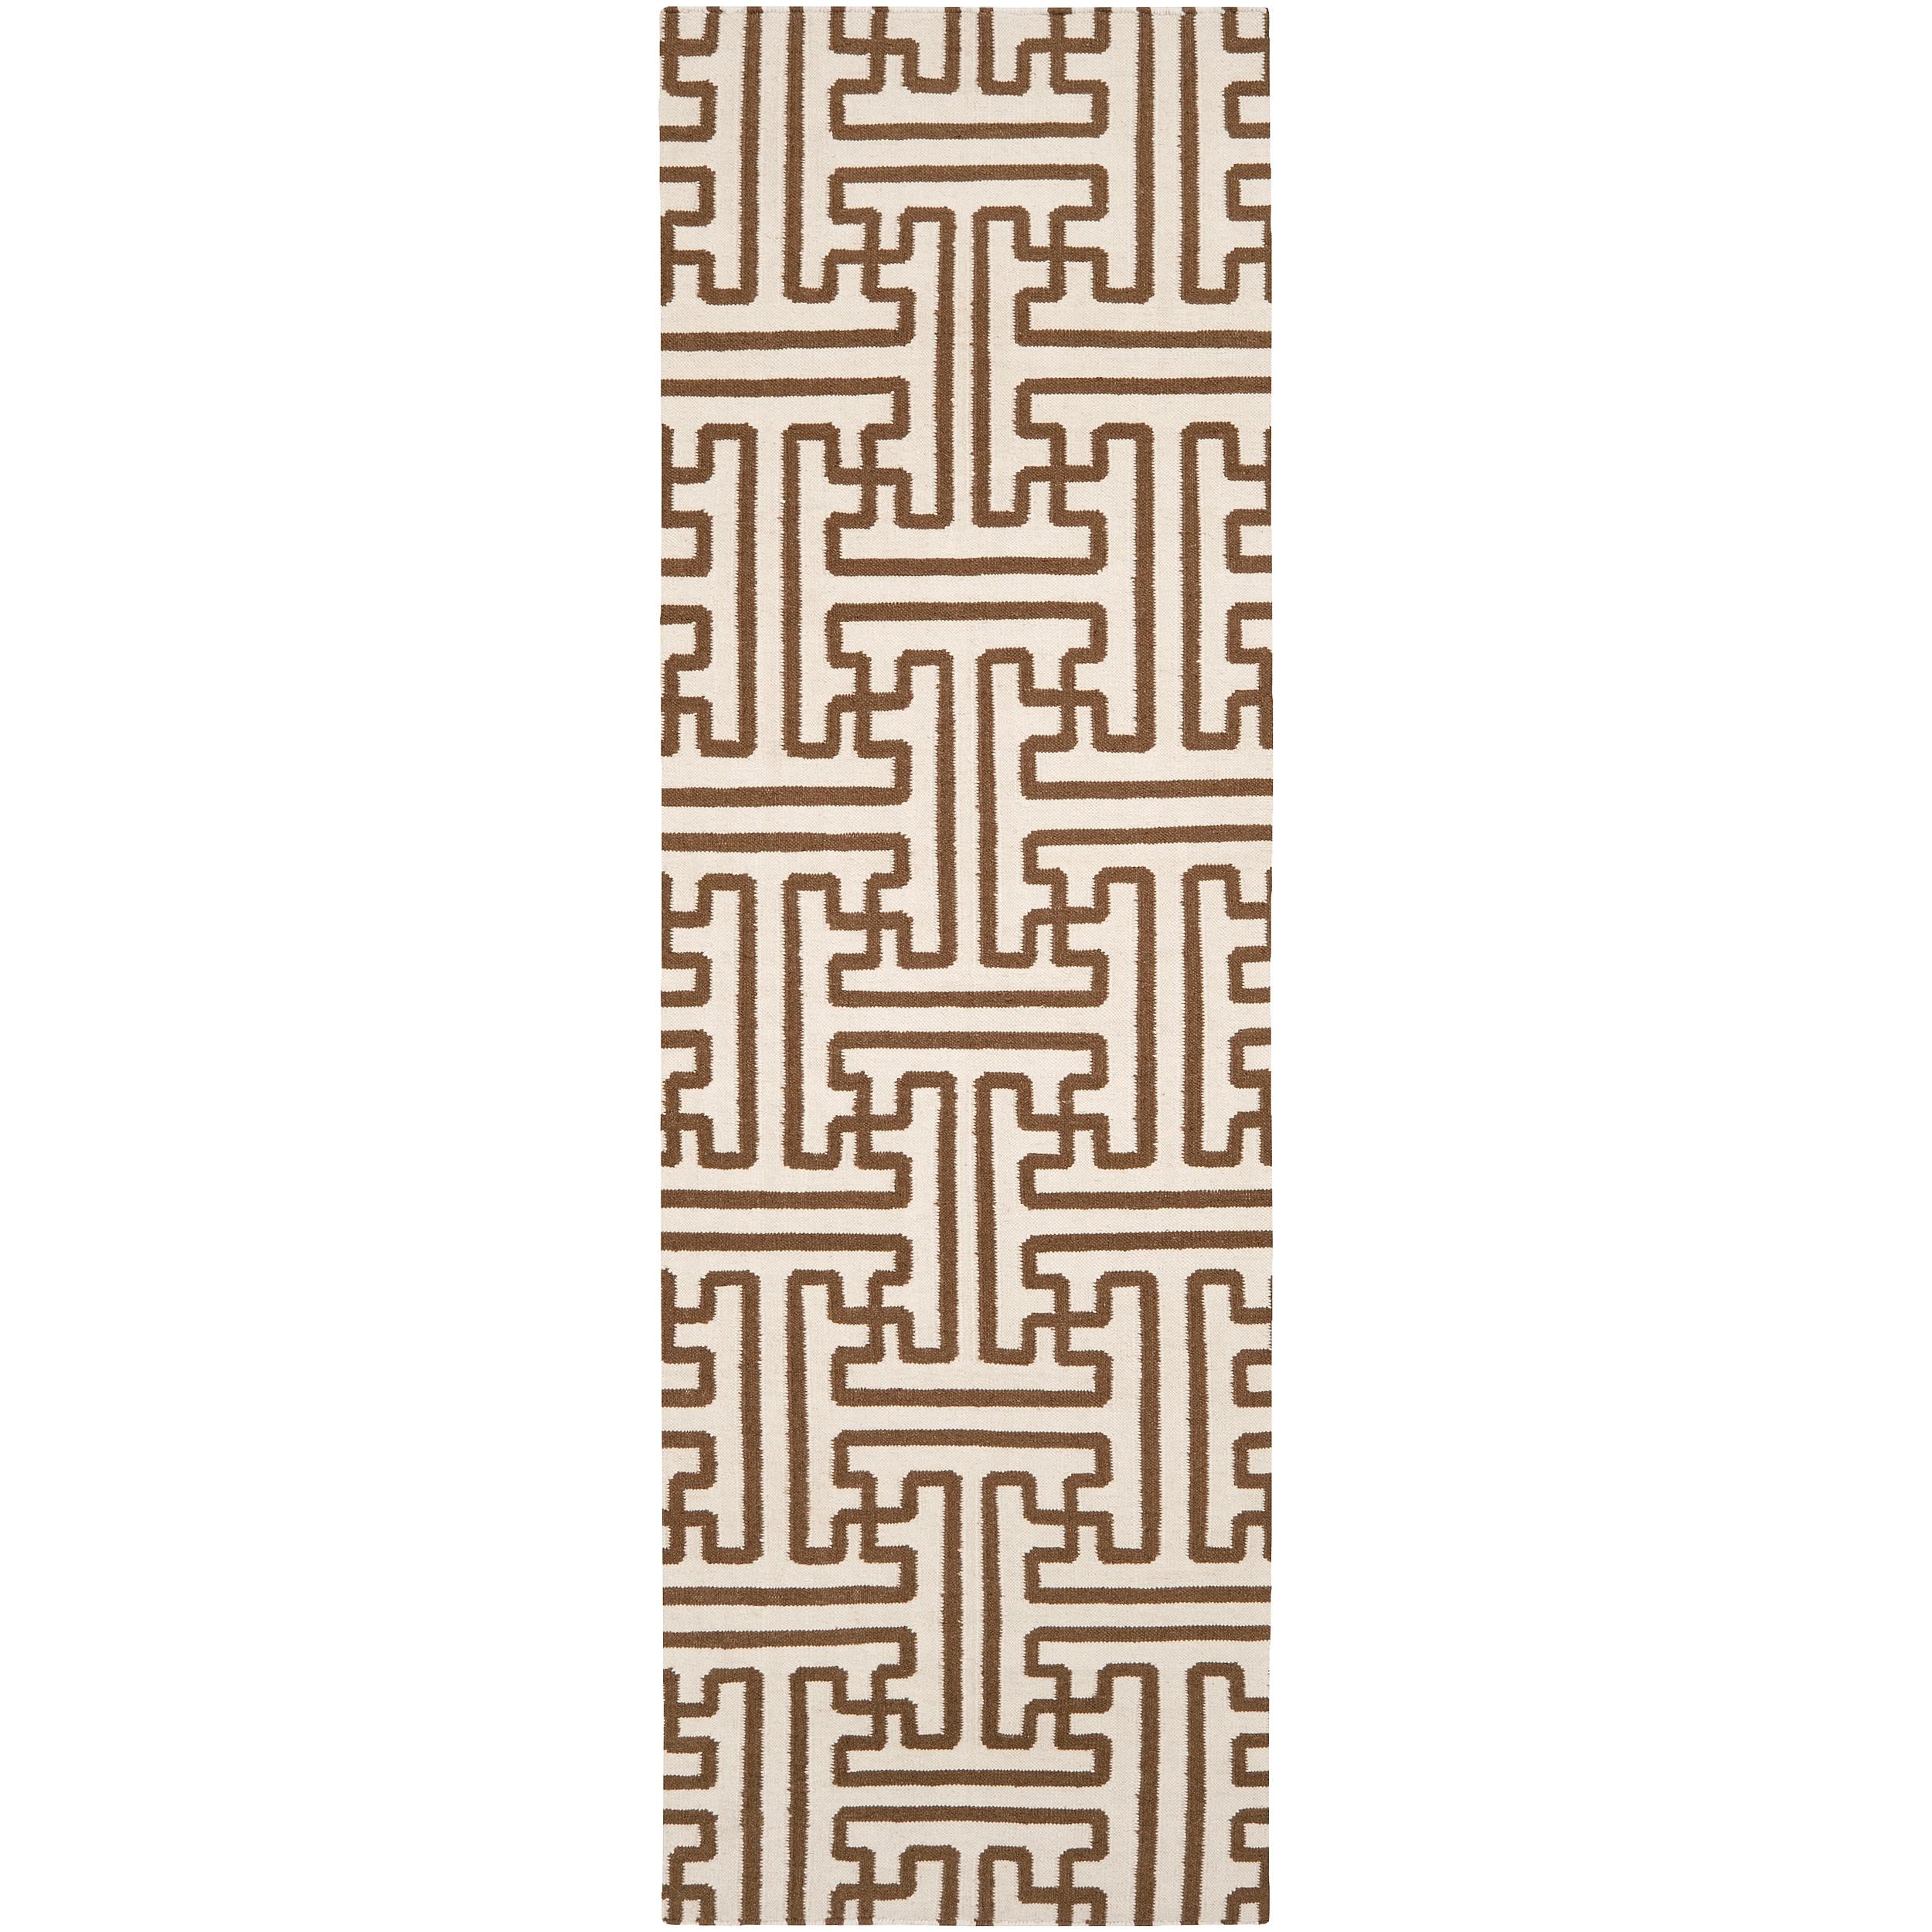 Hand-Woven Beige Queens Bay Wool Runner Area Rug - 2'6 x 8'